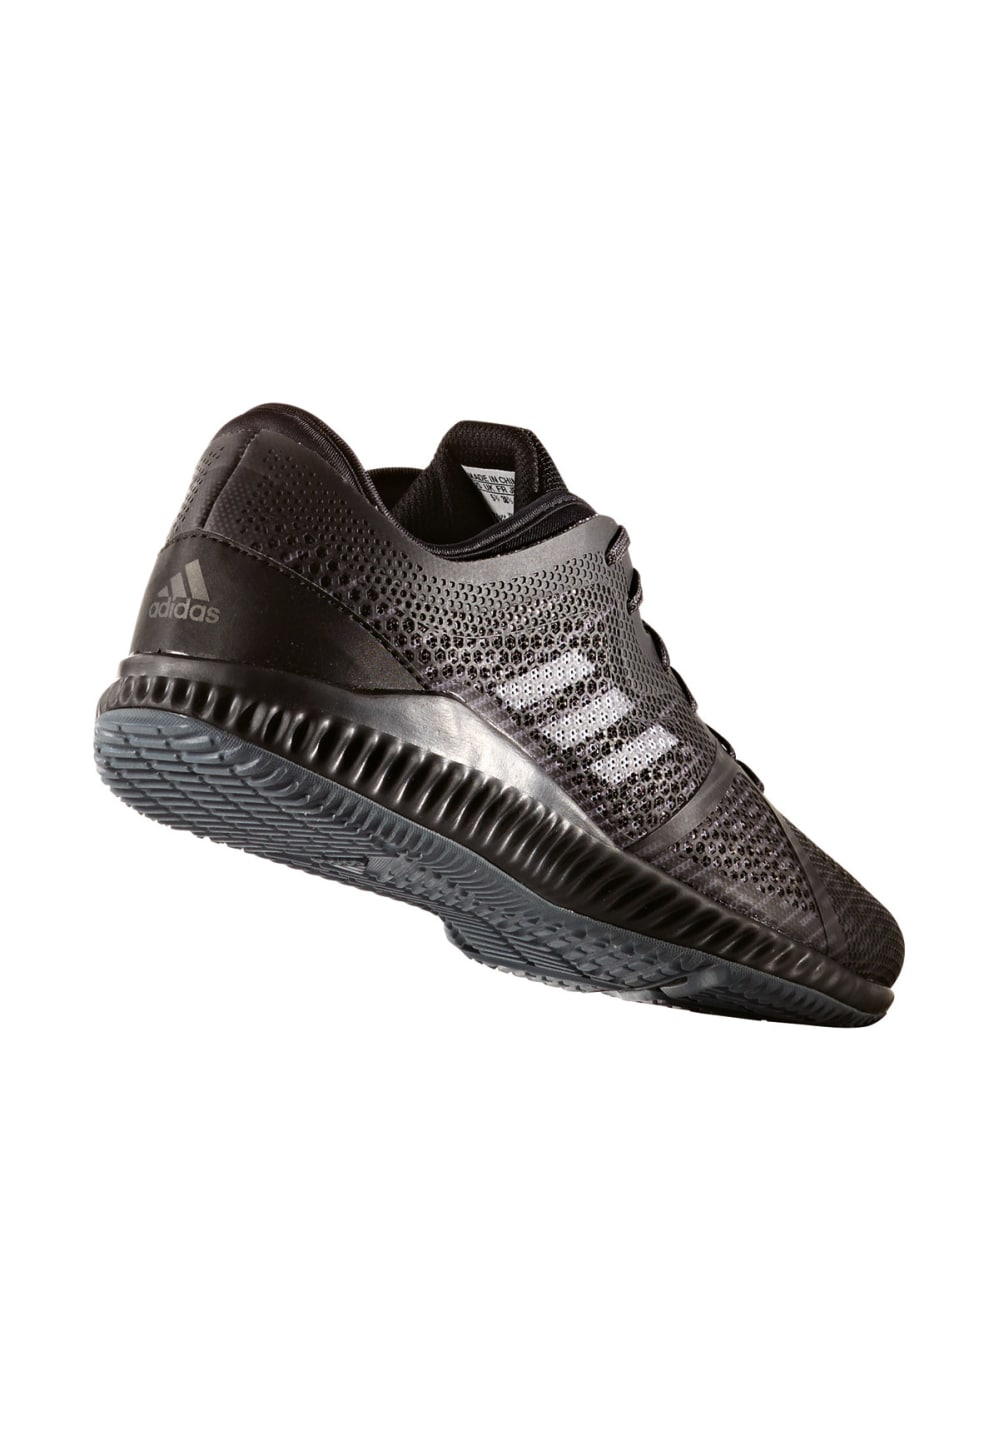 nouveau style d7832 f3923 adidas Crazytrain Bounce - Chaussures fitness pour Femme - Noir